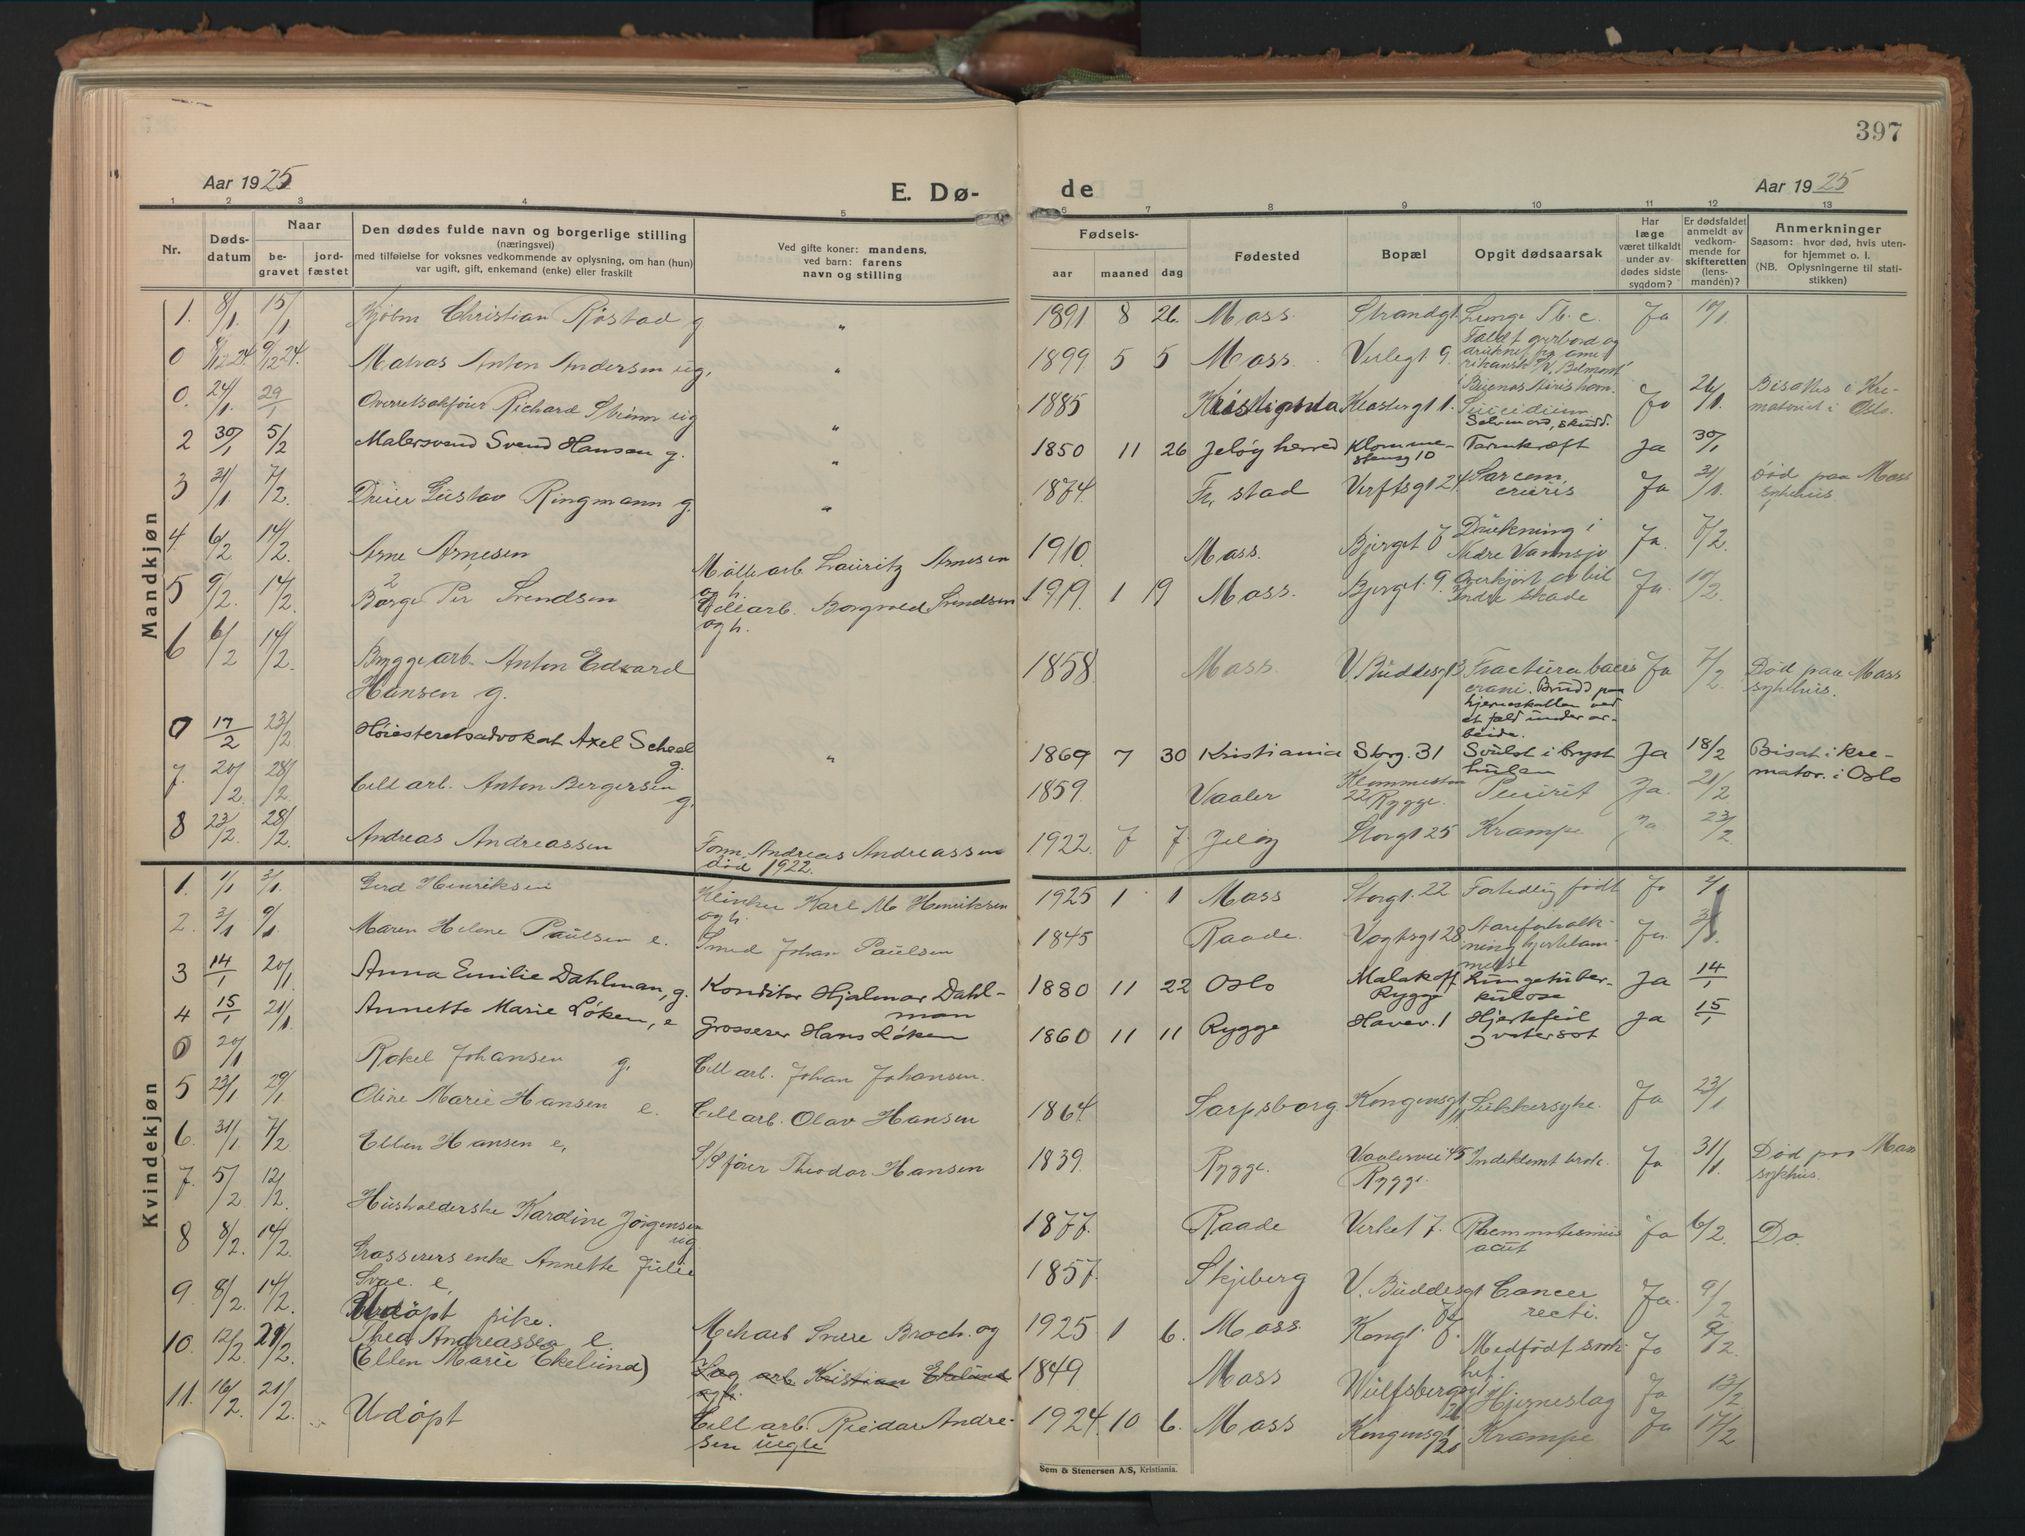 SAO, Moss prestekontor Kirkebøker, F/Fb/Fab/L0006: Ministerialbok nr. II 6, 1924-1932, s. 397